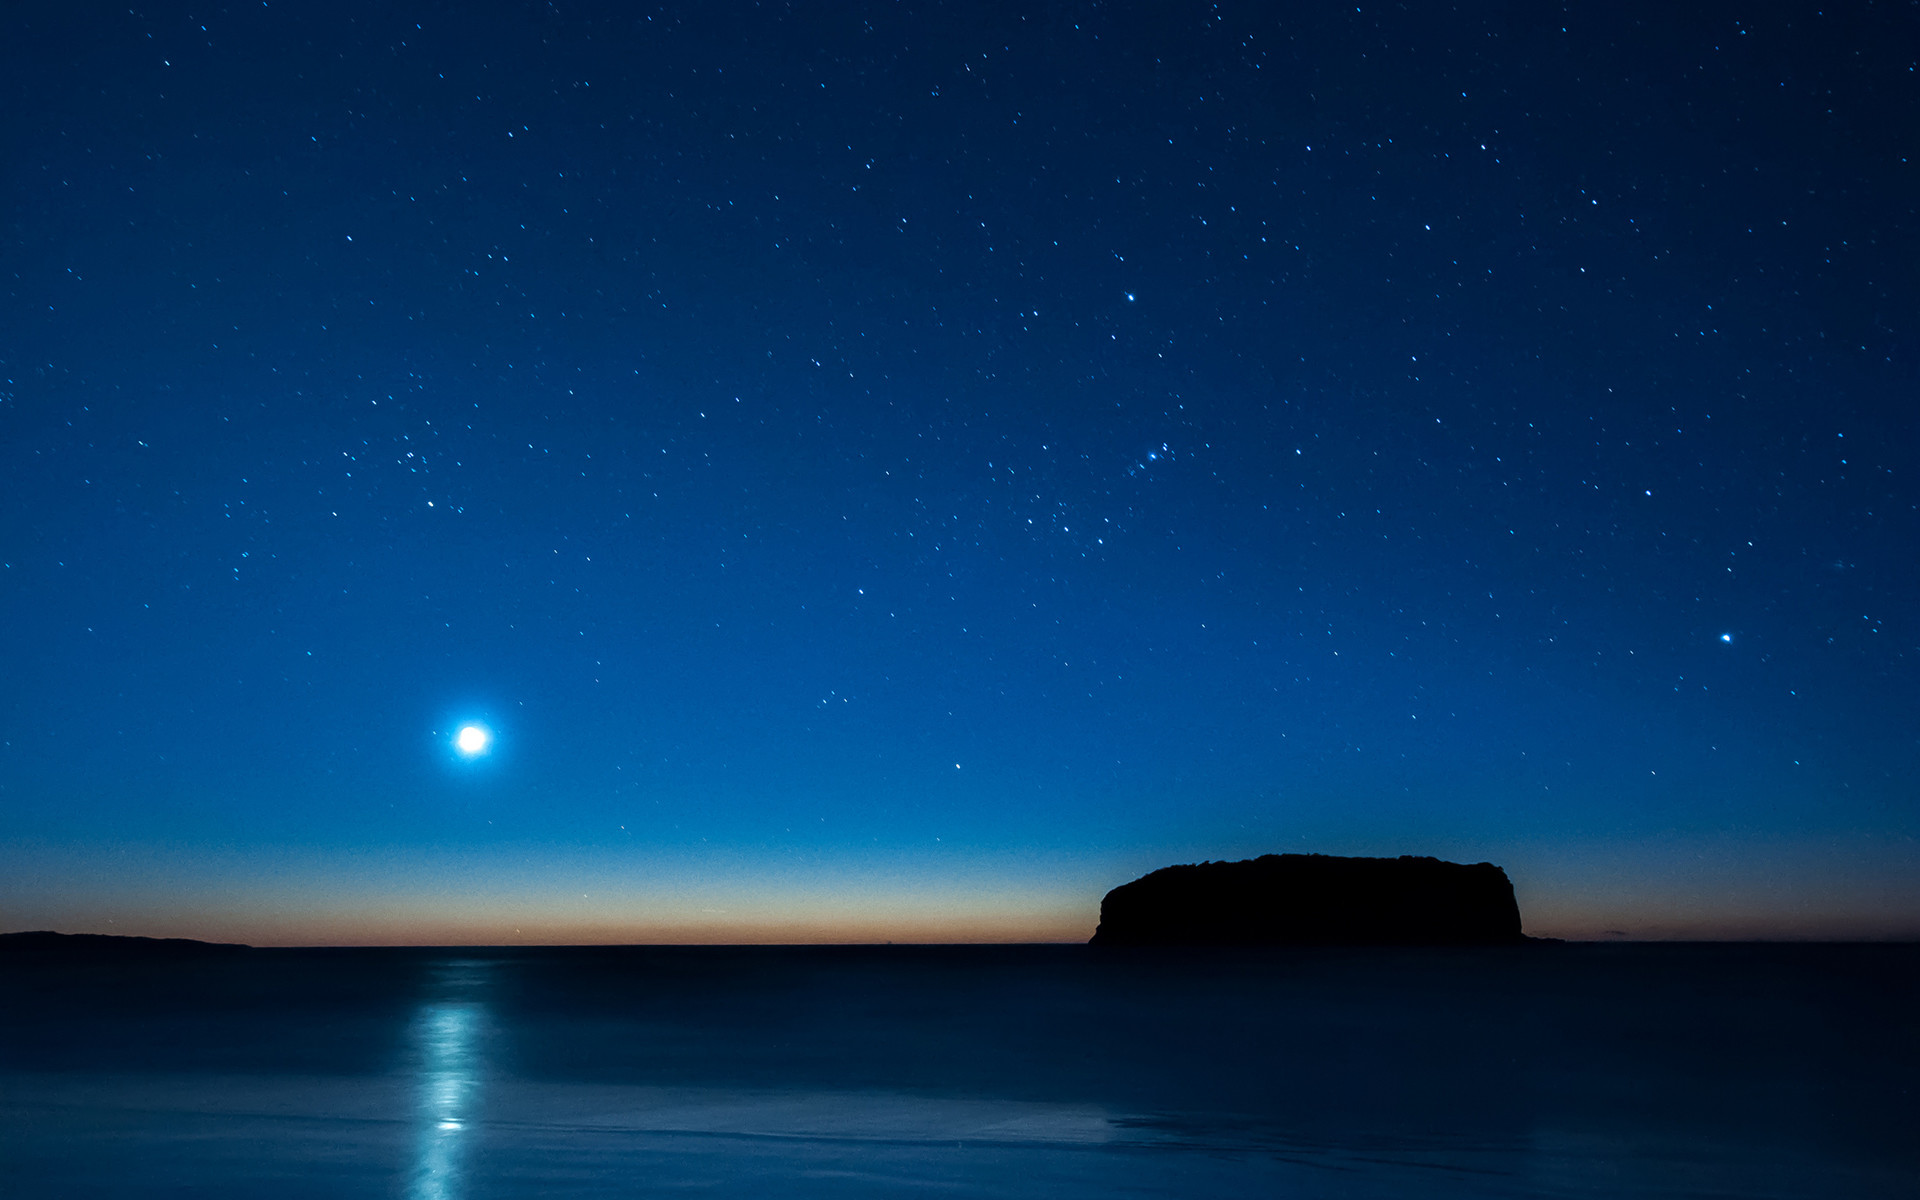 Moonlight Stars Night Ocean Blue wallpaper     119099    WallpaperUP